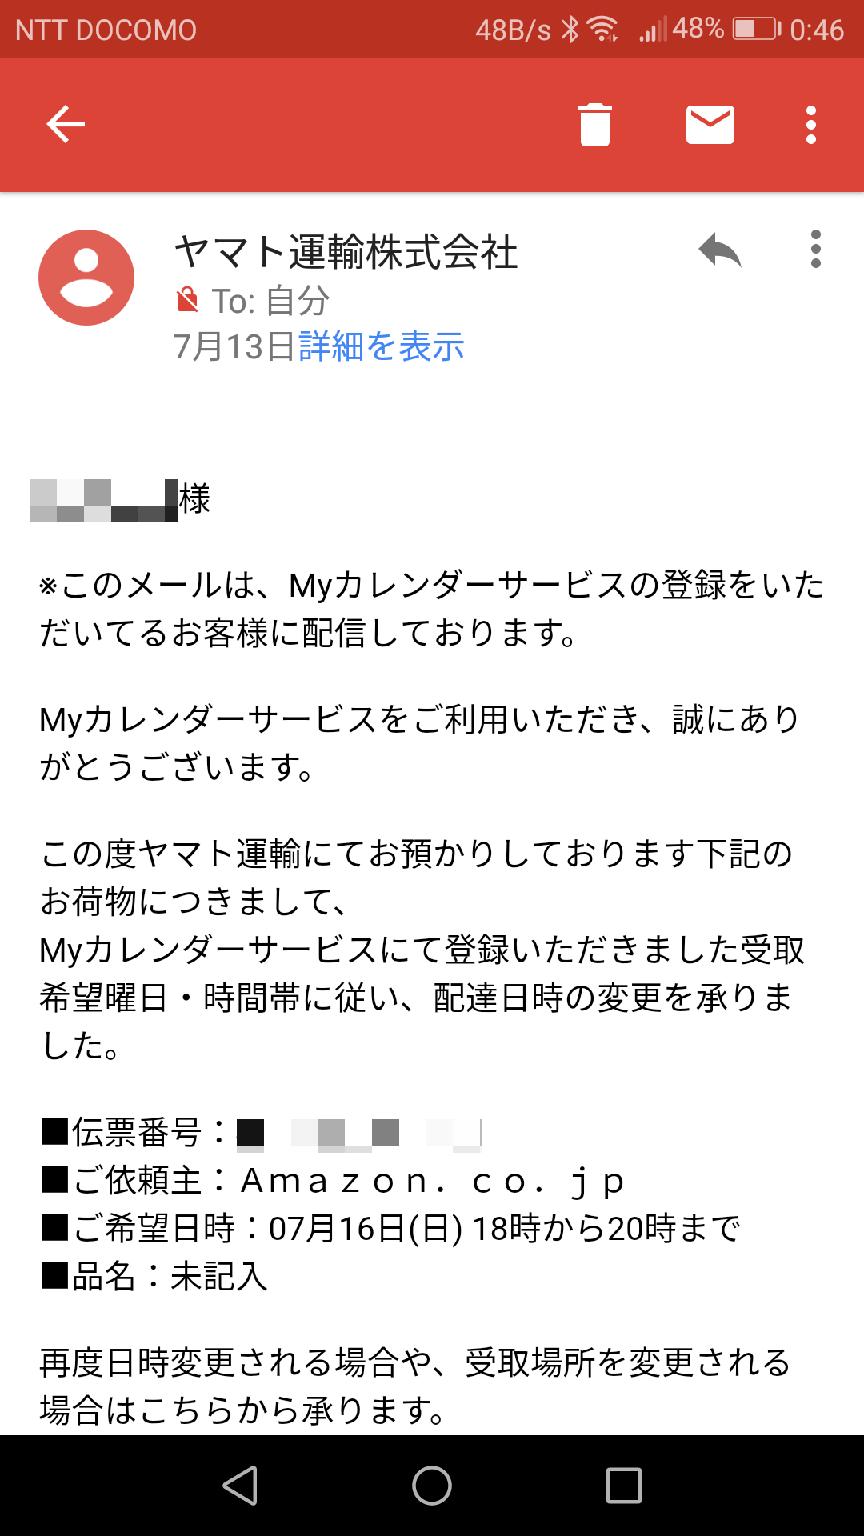 ヤマト運輸から届くお知らせメールの画面